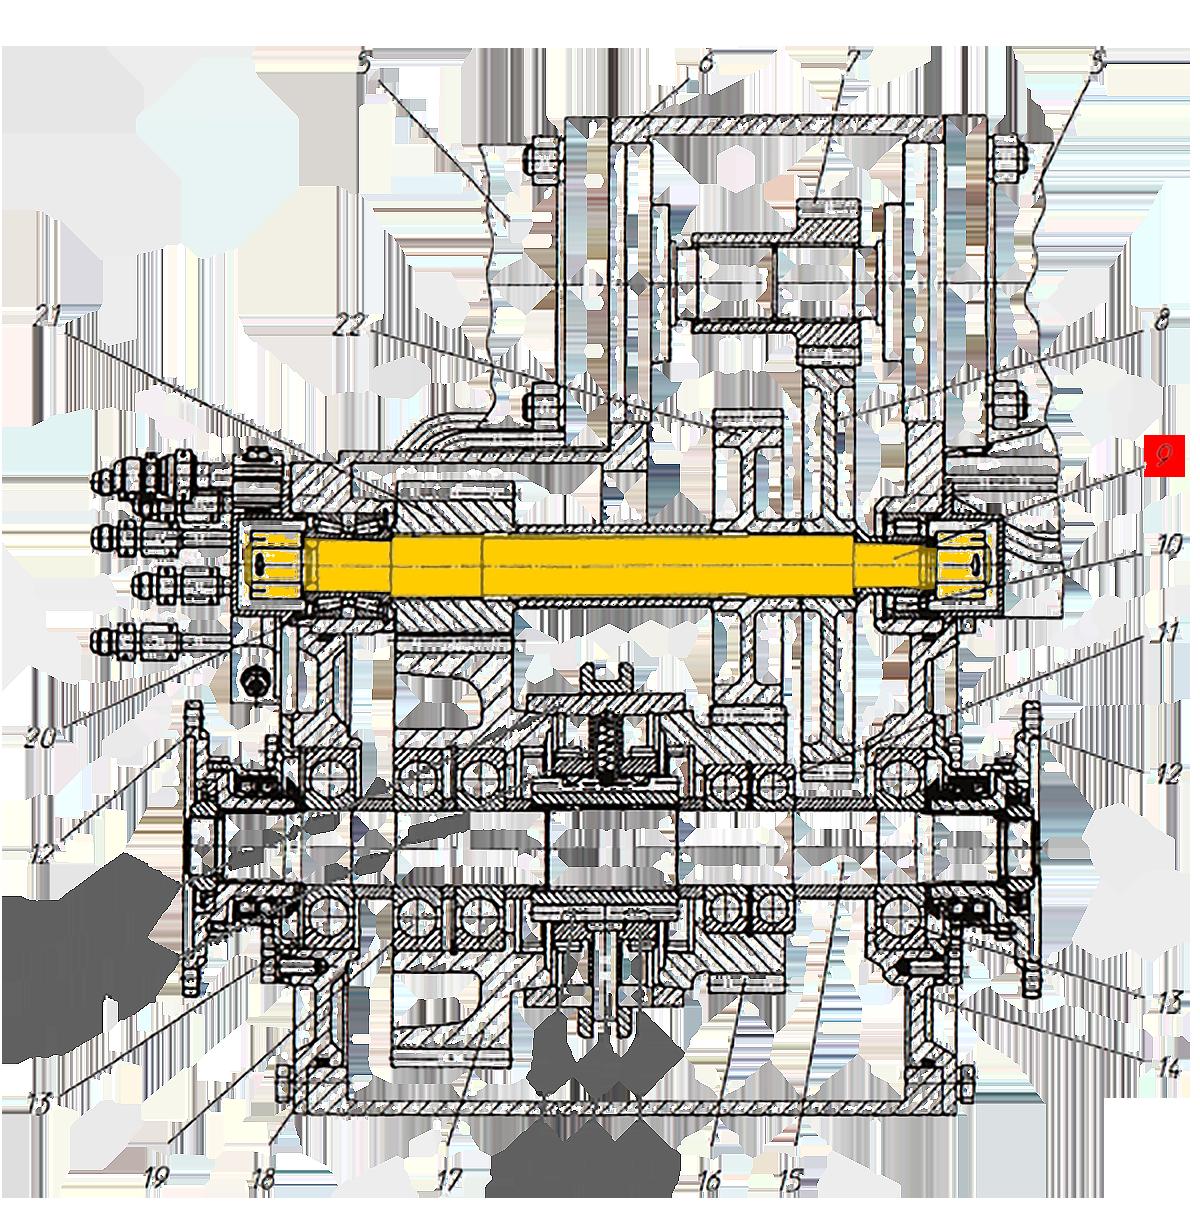 Вал промежуточный Э20.01.02.086-3 коробки передач ЭО-33211